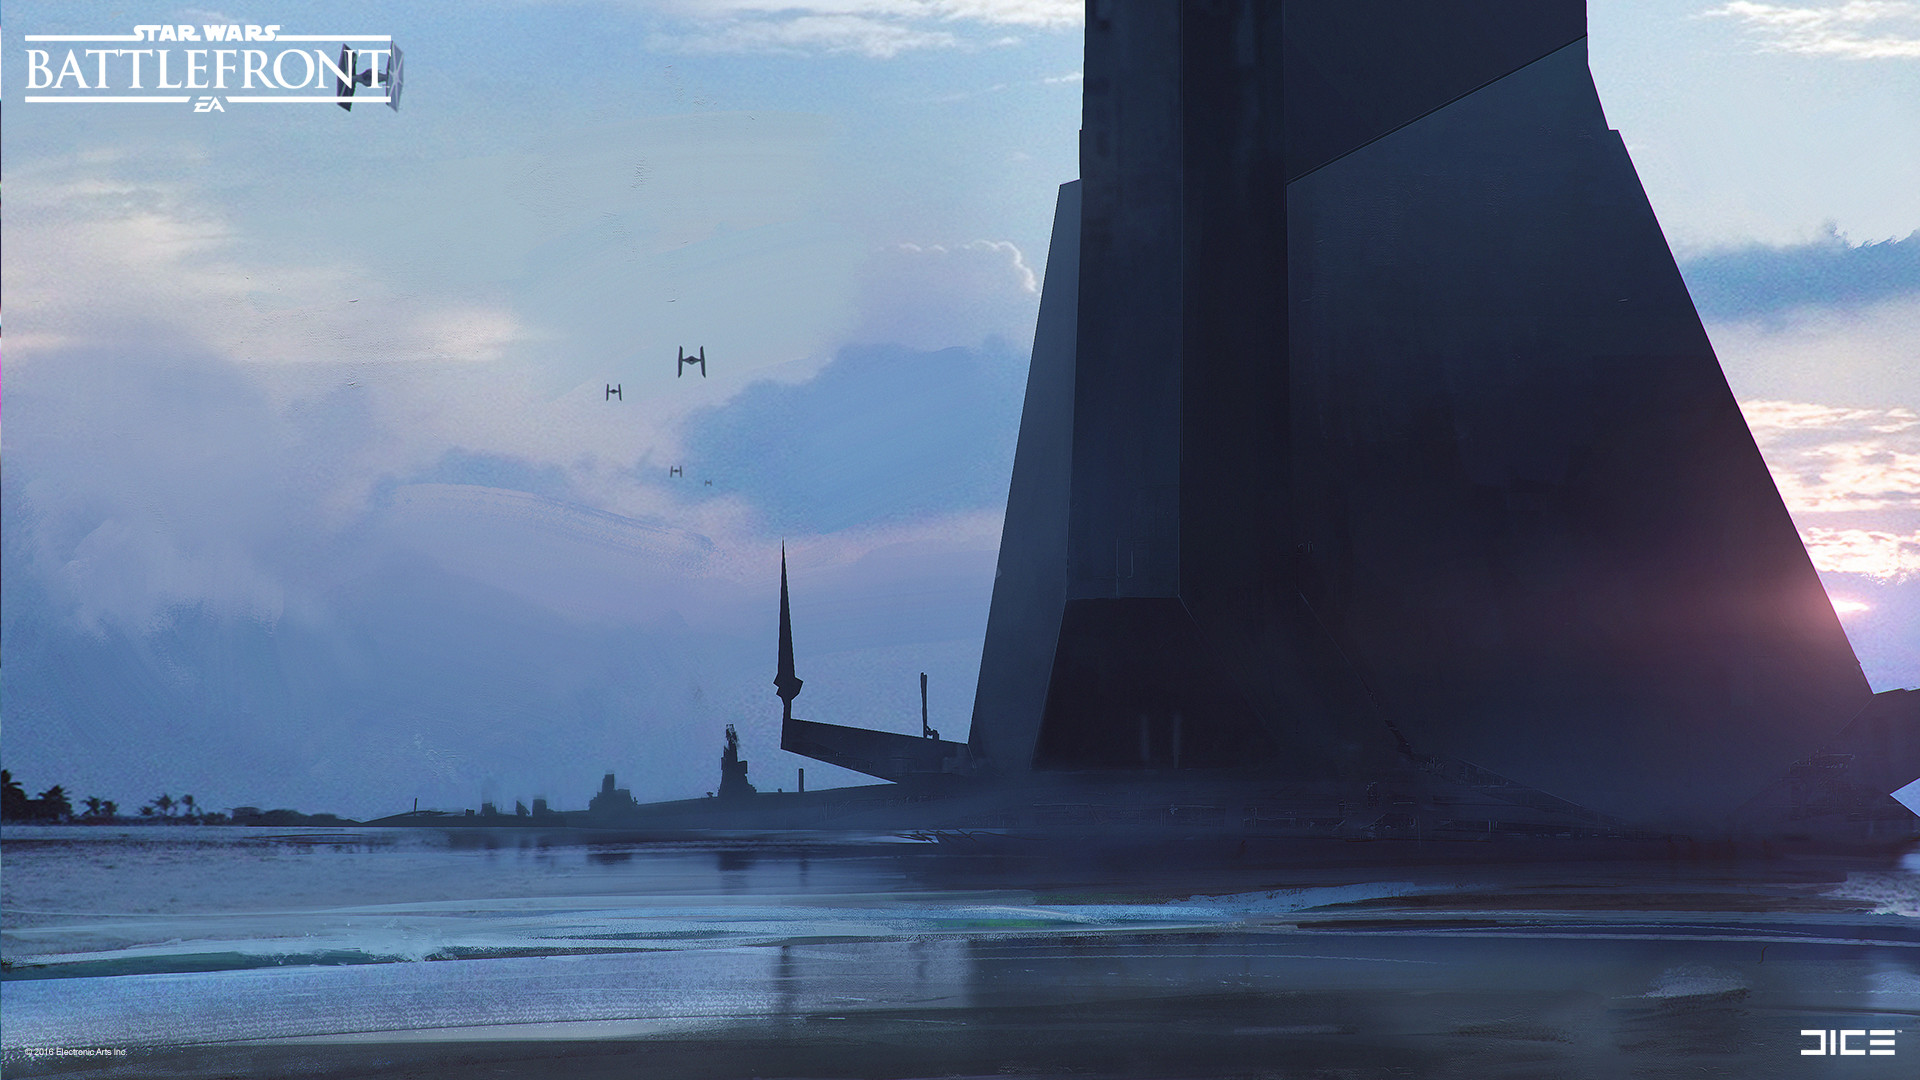 Koncepty z vývoje Star Wars: Battlefrontu ukazují některé nezrealizované prvky 140329